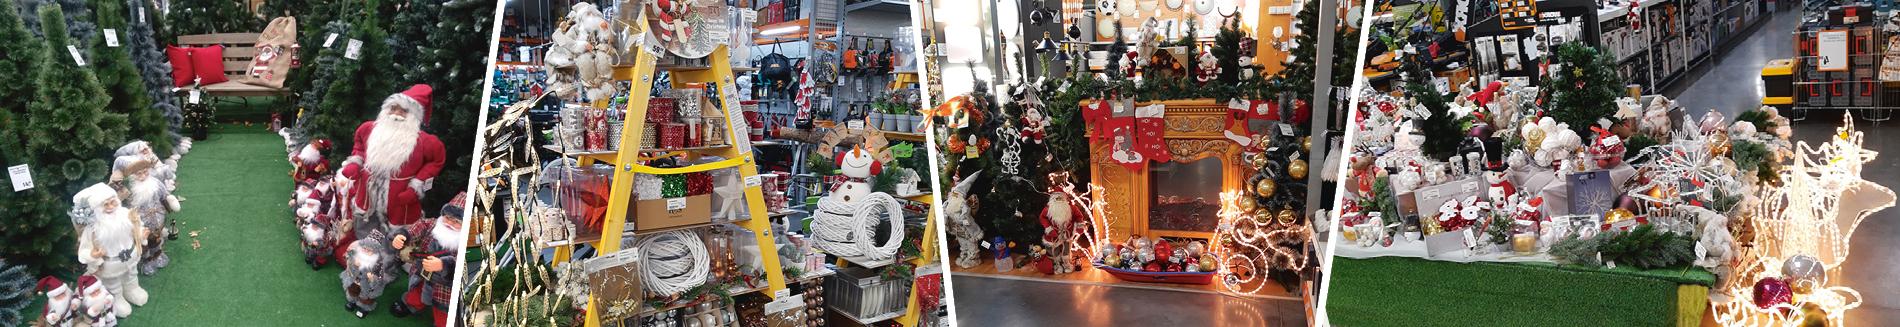 Декорация за Коледа и Великден